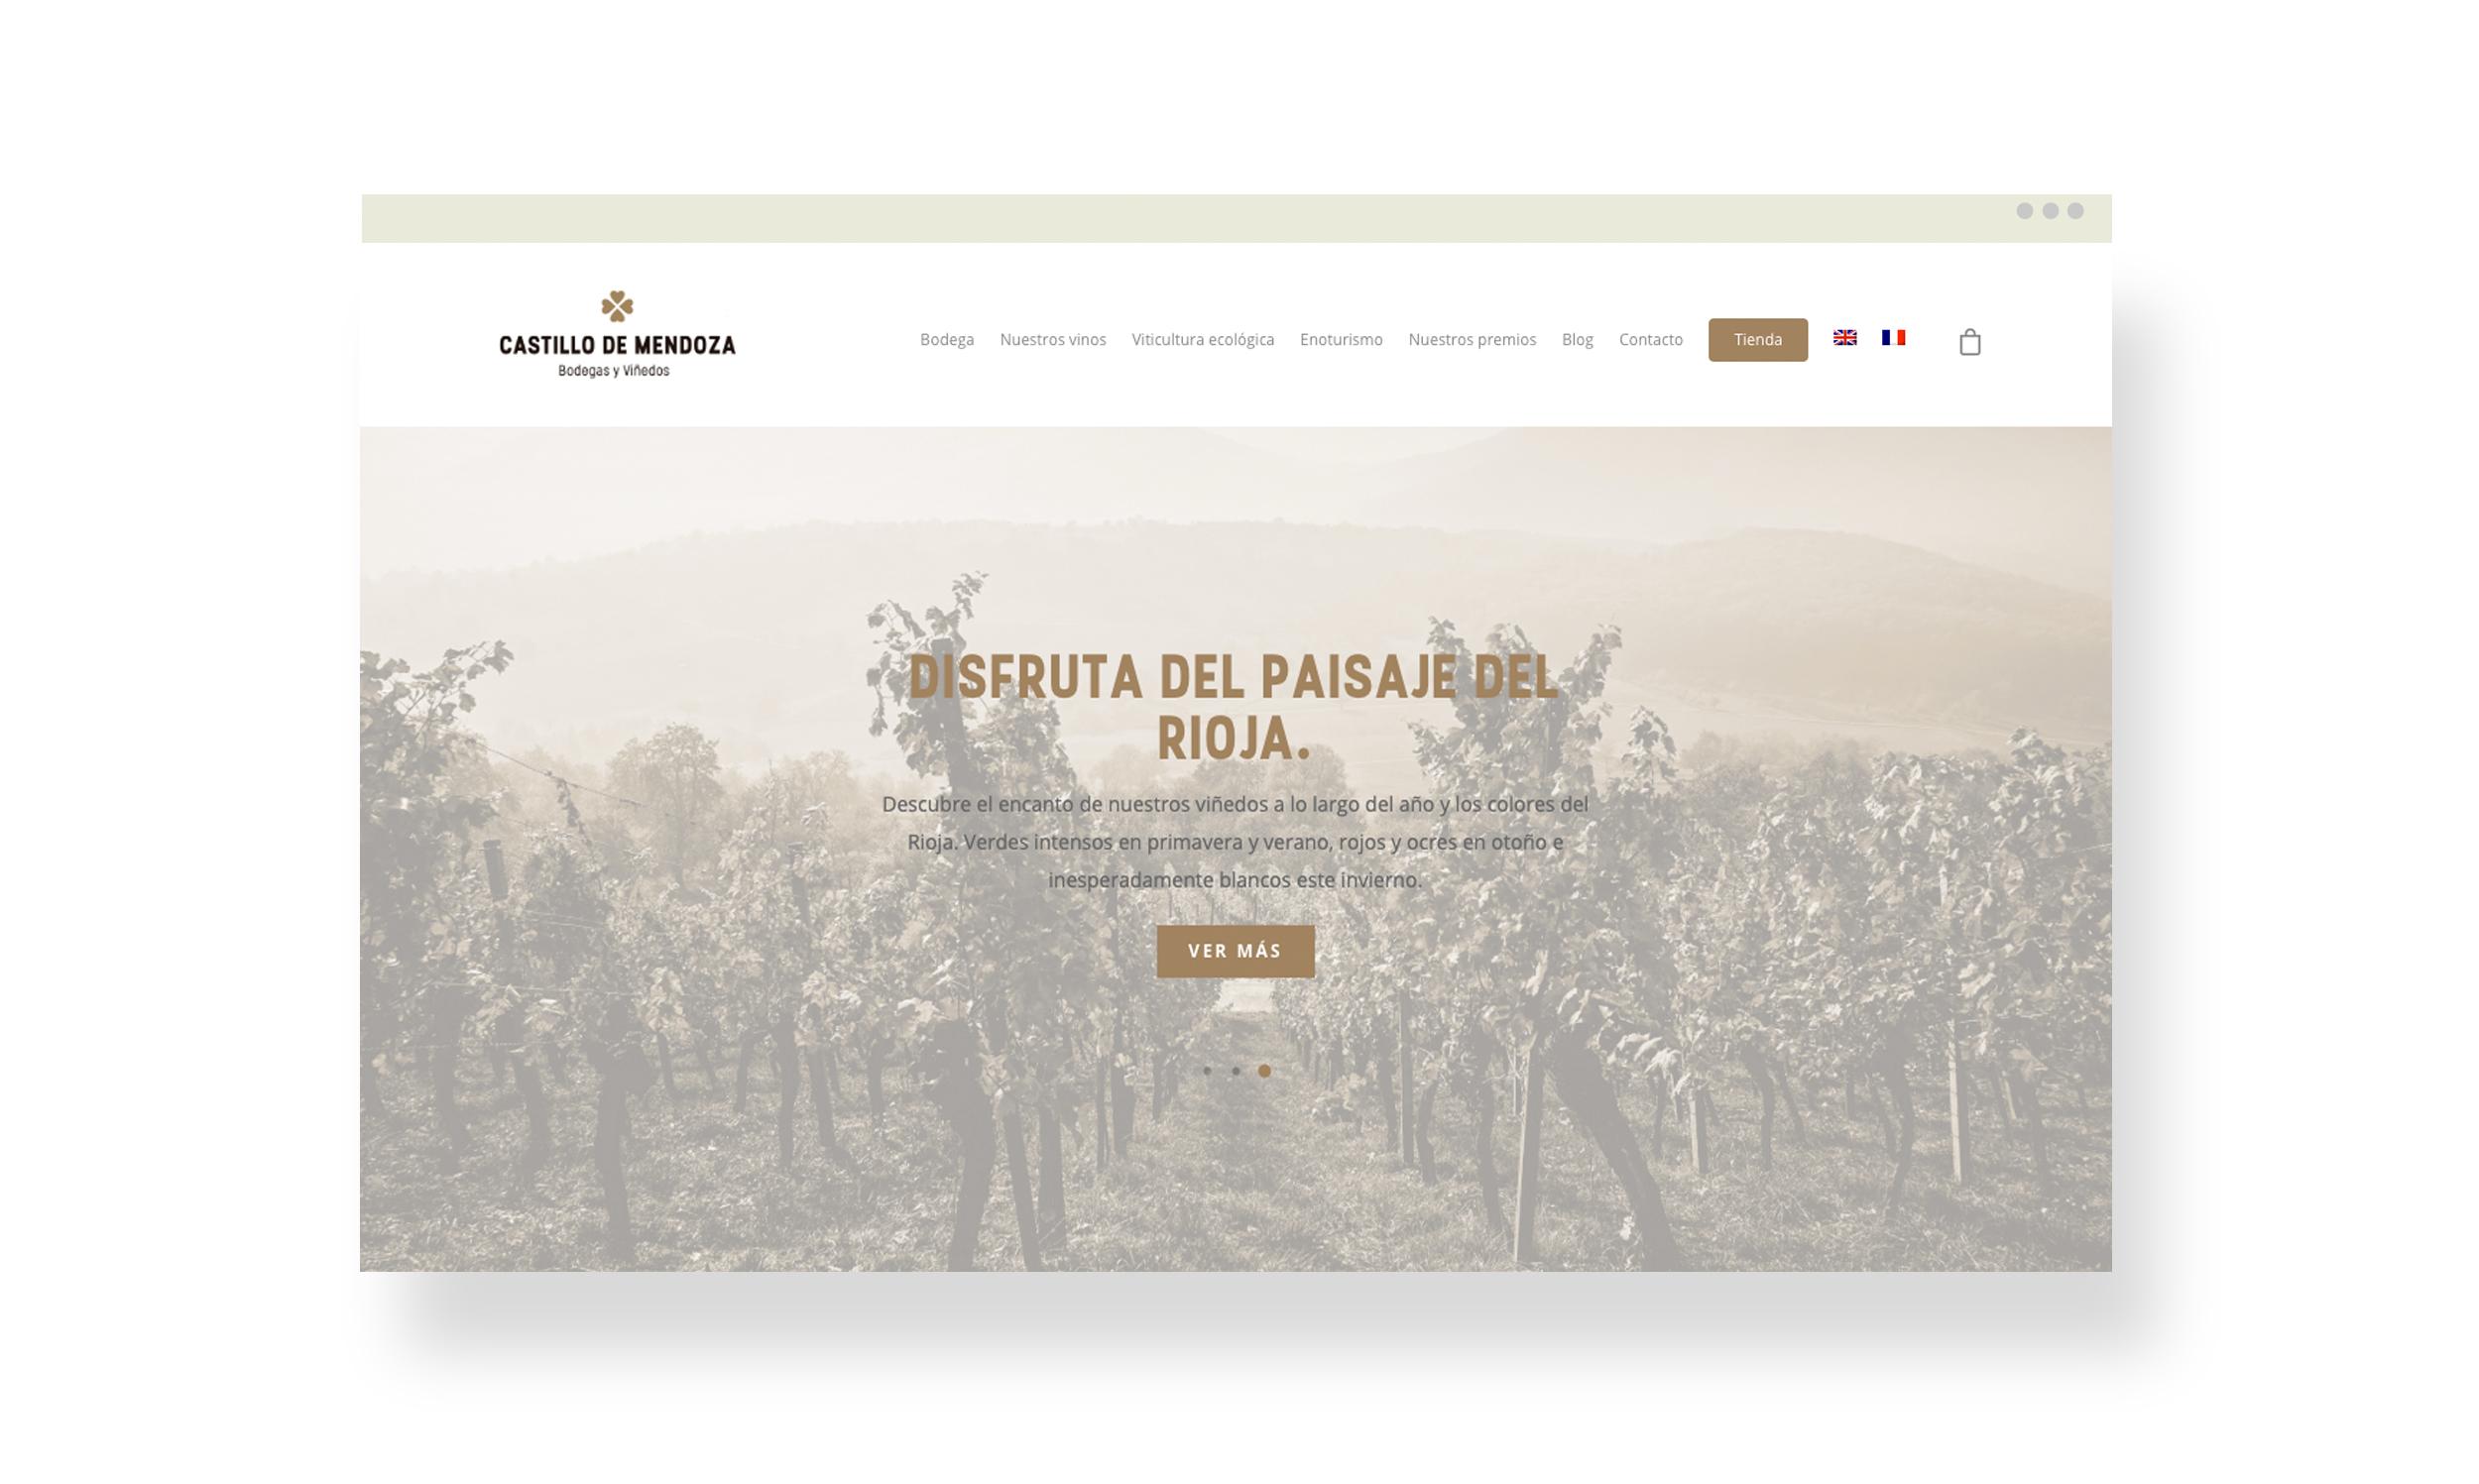 Diseño web con tienda online para bodega en La Rioja. Versión ordenador.